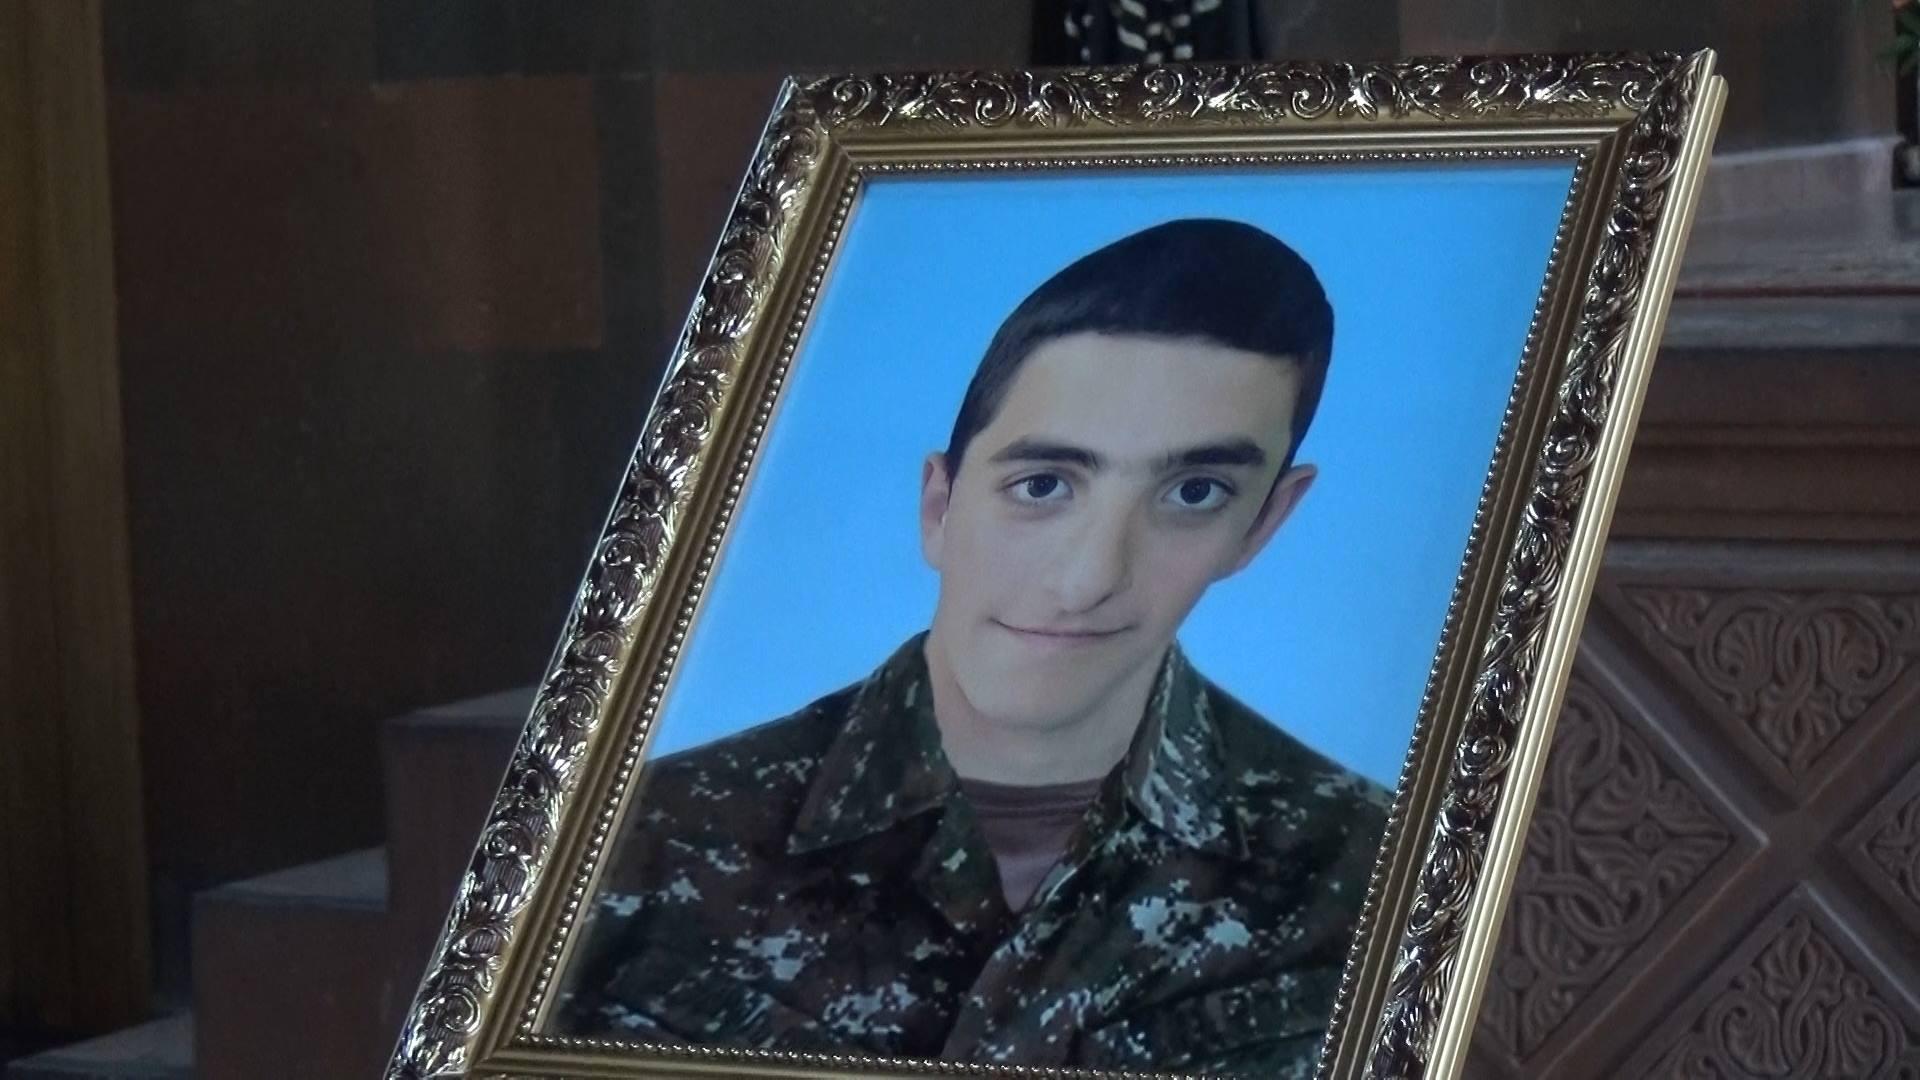 Во время апрельской войны он также мужественно выполнил поставленную перед ним боевую задачу - своенными почестямипохоронили погибшего в Арцахе Нарека Гаспаряна